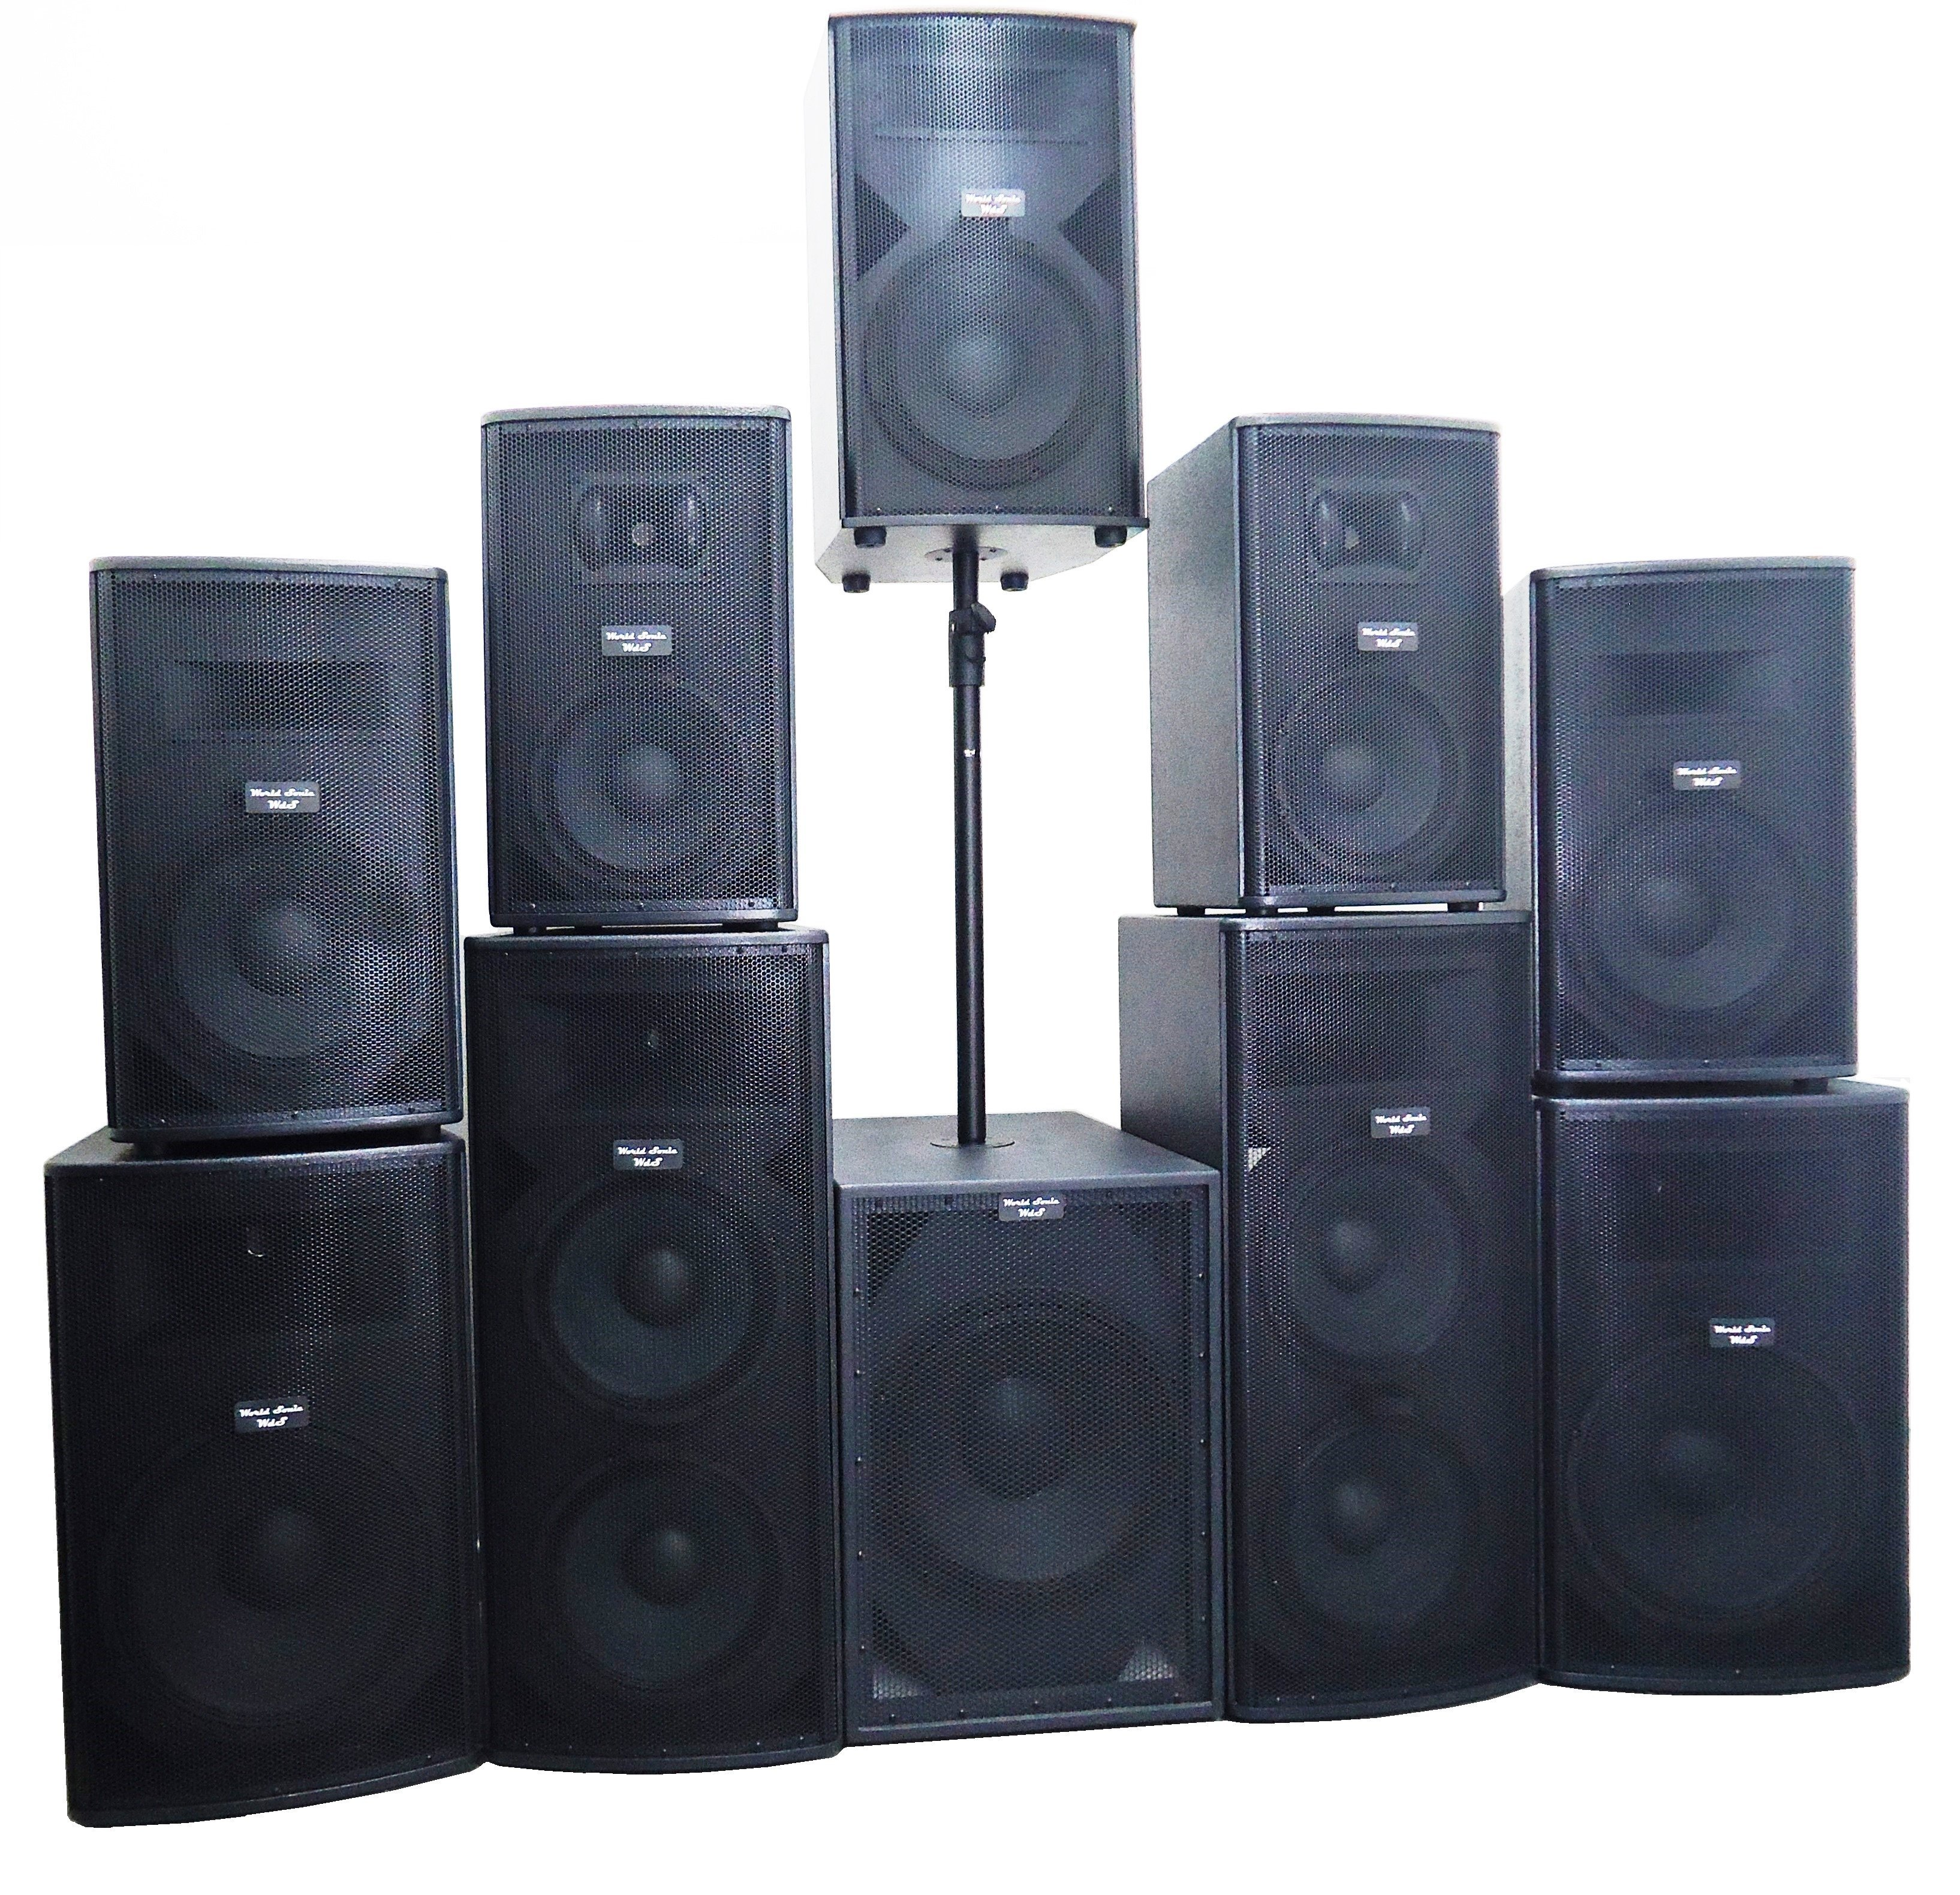 Vendita diffusori acustici